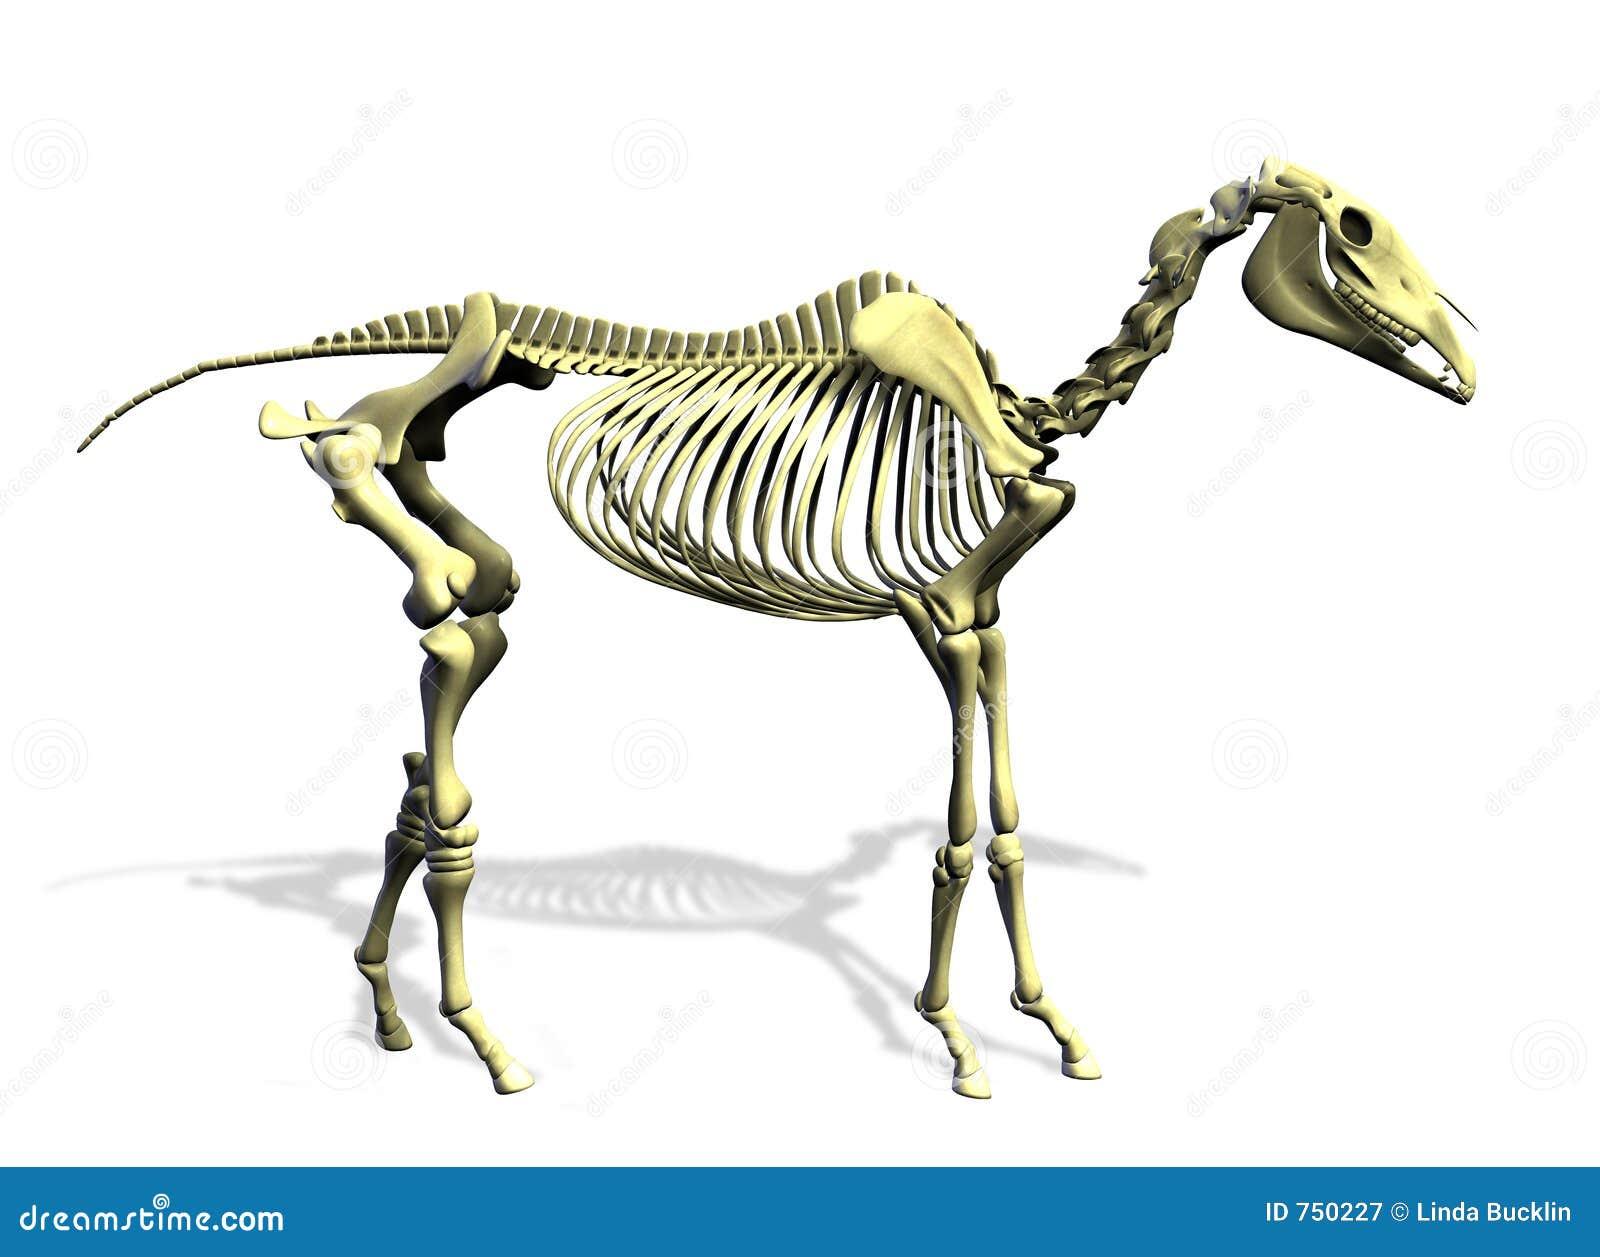 Hermosa Esqueleto Anatomía Caballo Modelo - Imágenes de Anatomía ...